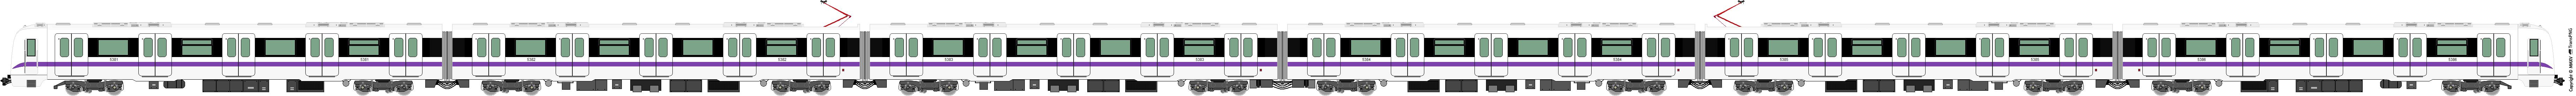 [5329] 深圳市地鐵 5329